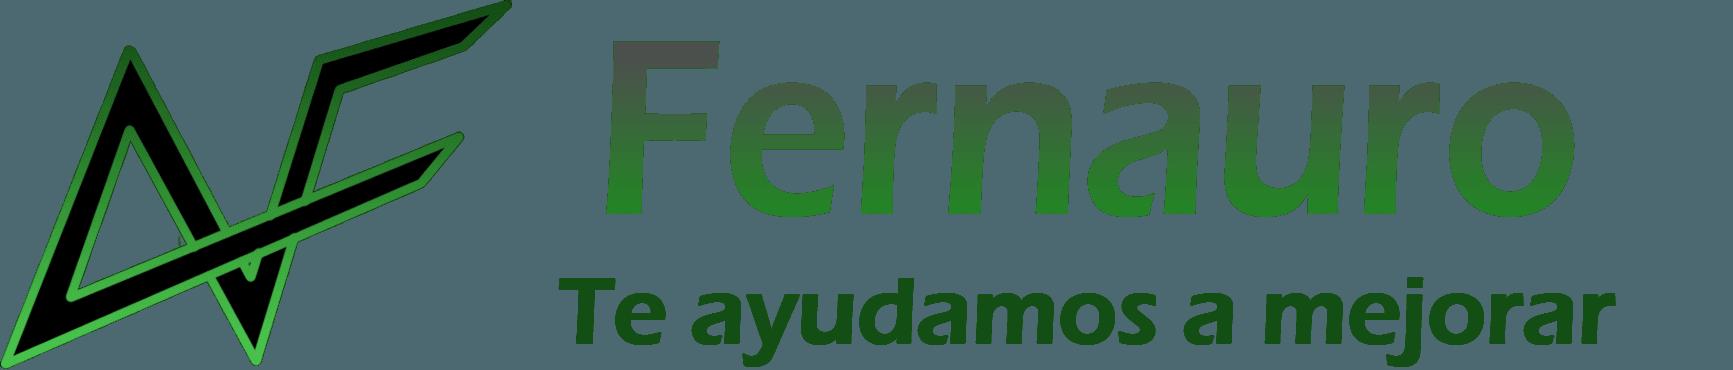 Fernauro – Te ayudamos a mejorar